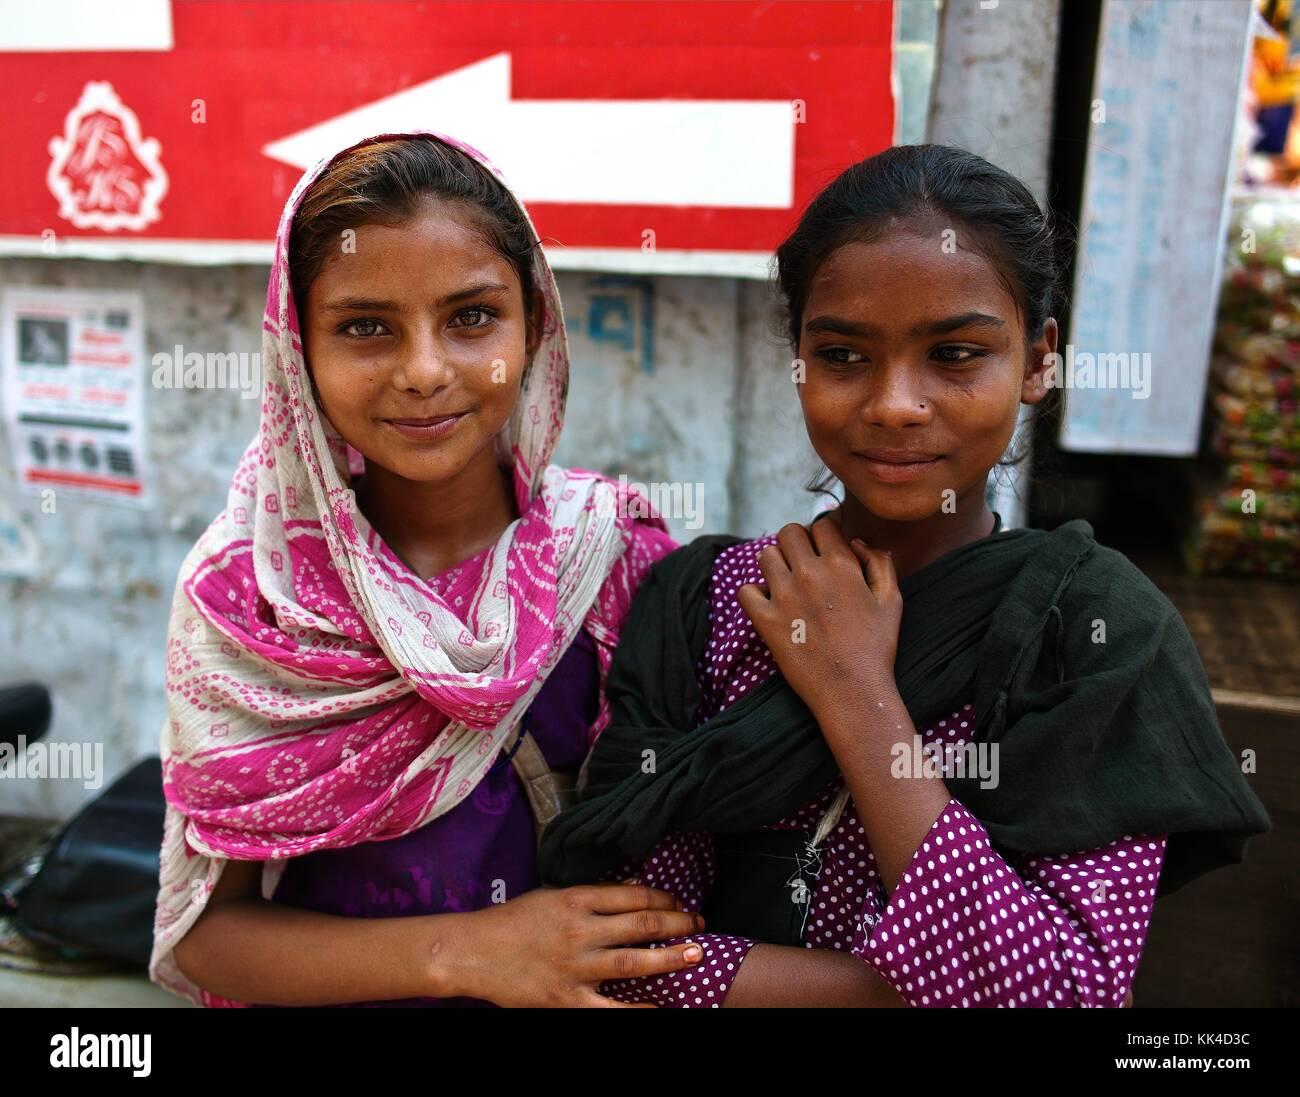 Regard sur les Indiens Temple d'or Amritsar - 01/09/2010 - - jeune mendiant dans une rue d'Amritsar - Sylvain Leser Banque D'Images